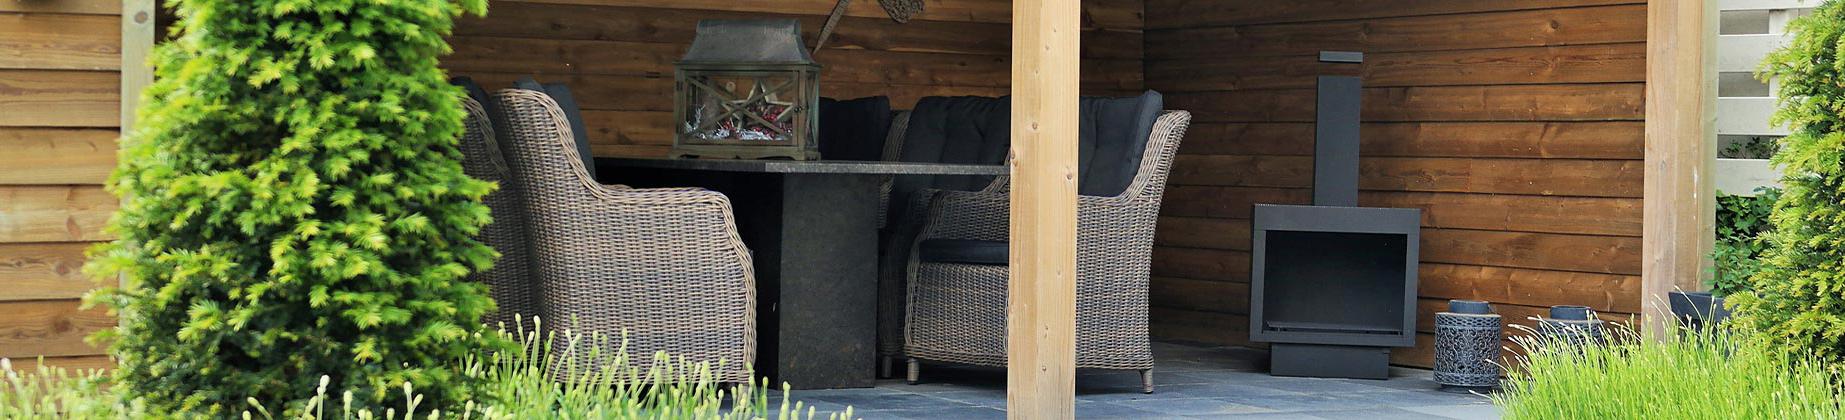 Houten tuinhuis met wicker tuinstoelen van 4 Seasons Outdoor.